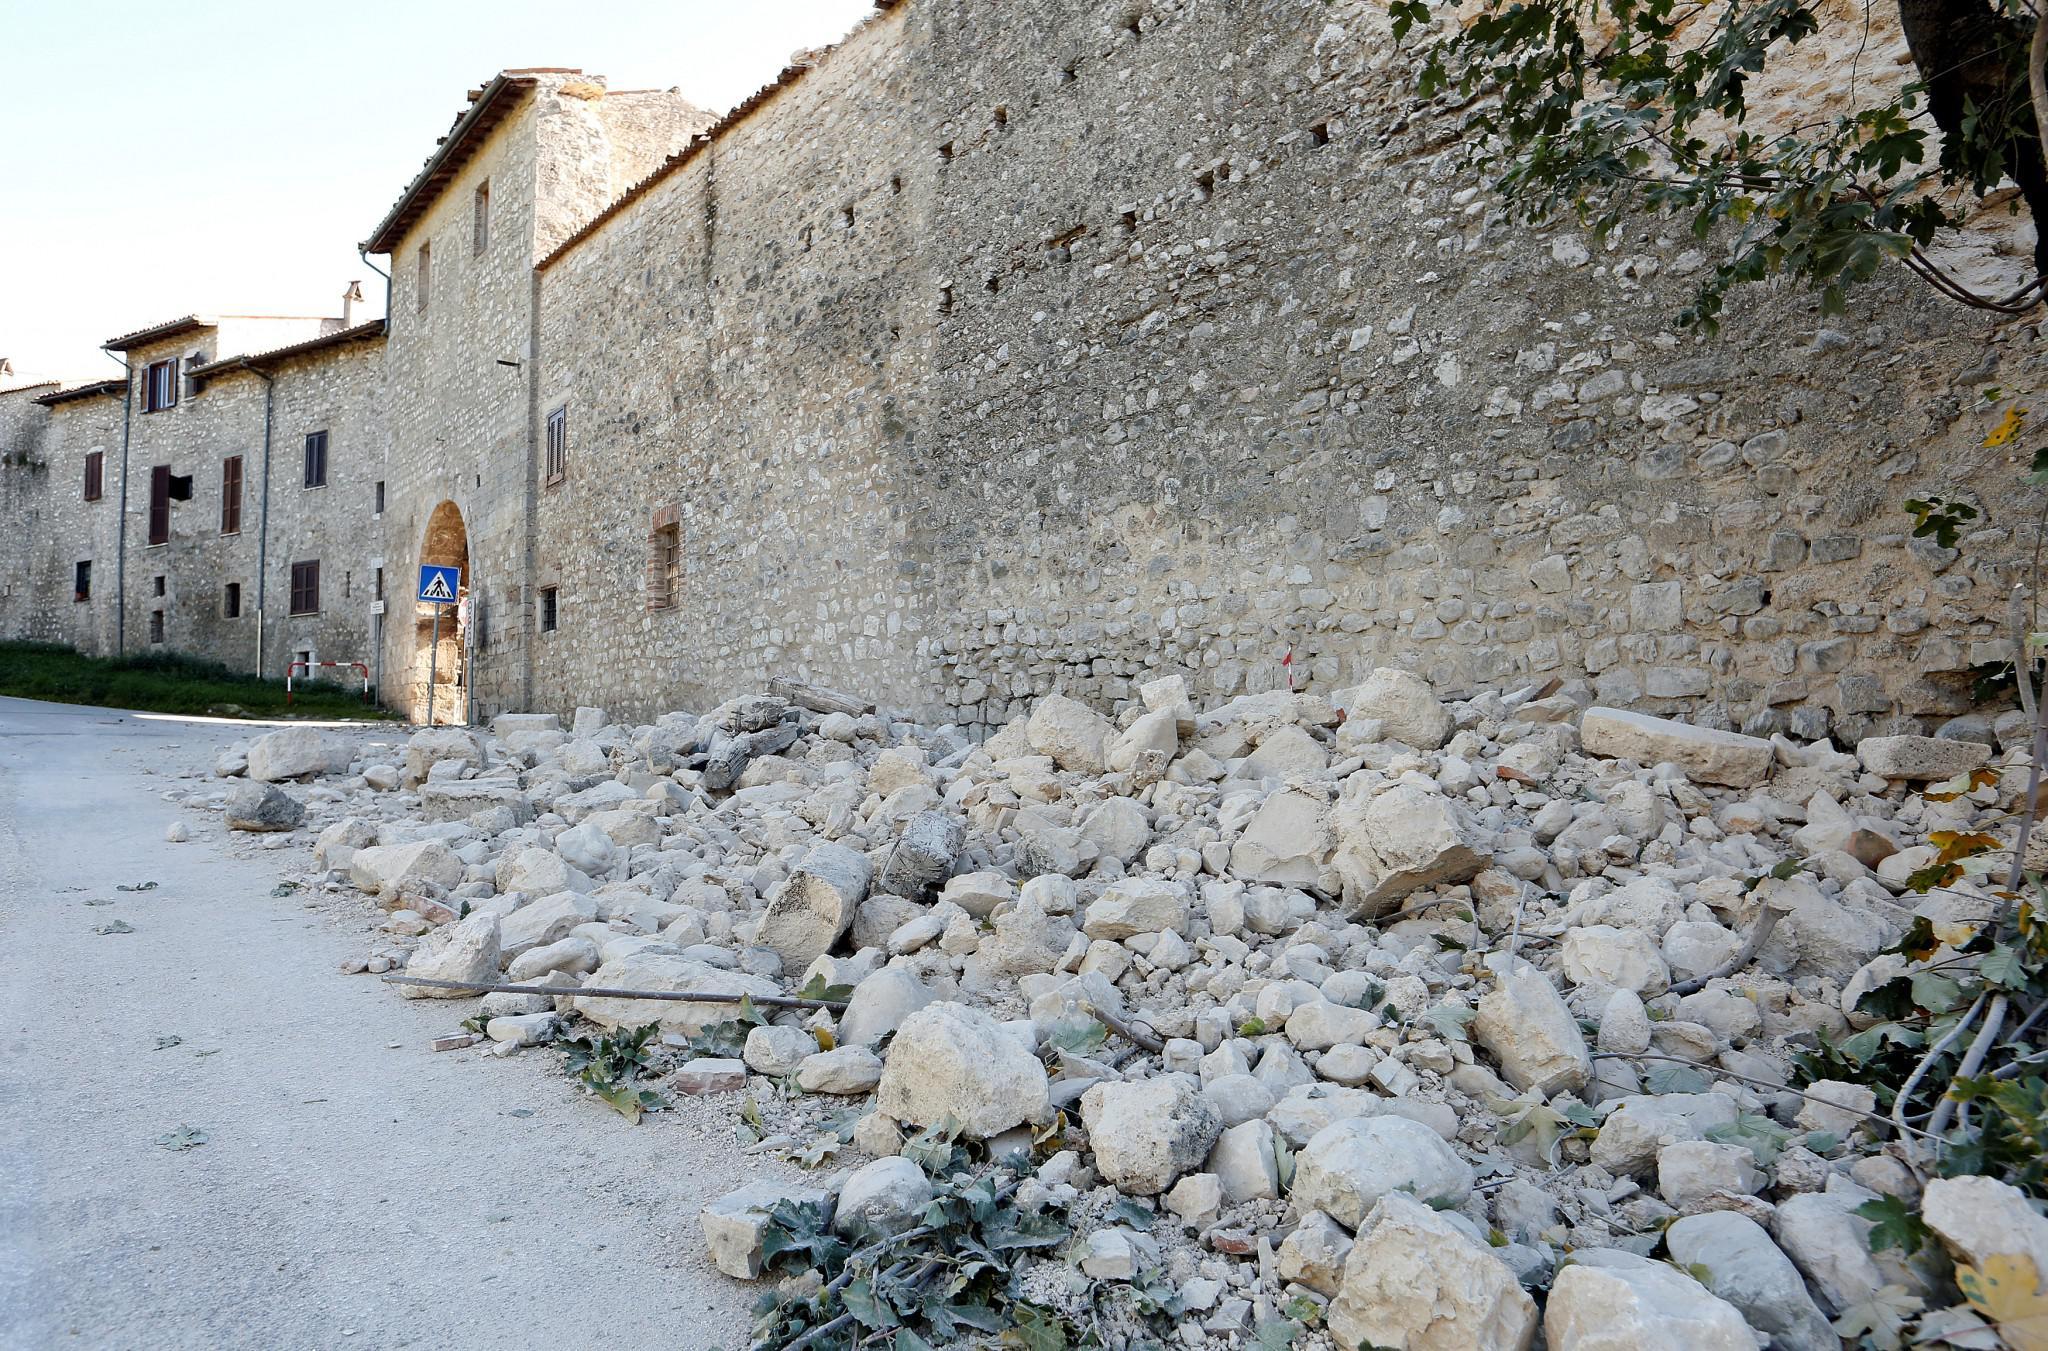 italia-seismos-traumaties-neos-1300-2 Τραυματίες και καταστροφές από τον νέο σεισμό των 6.7 Ρίχτερ στην Ιταλία